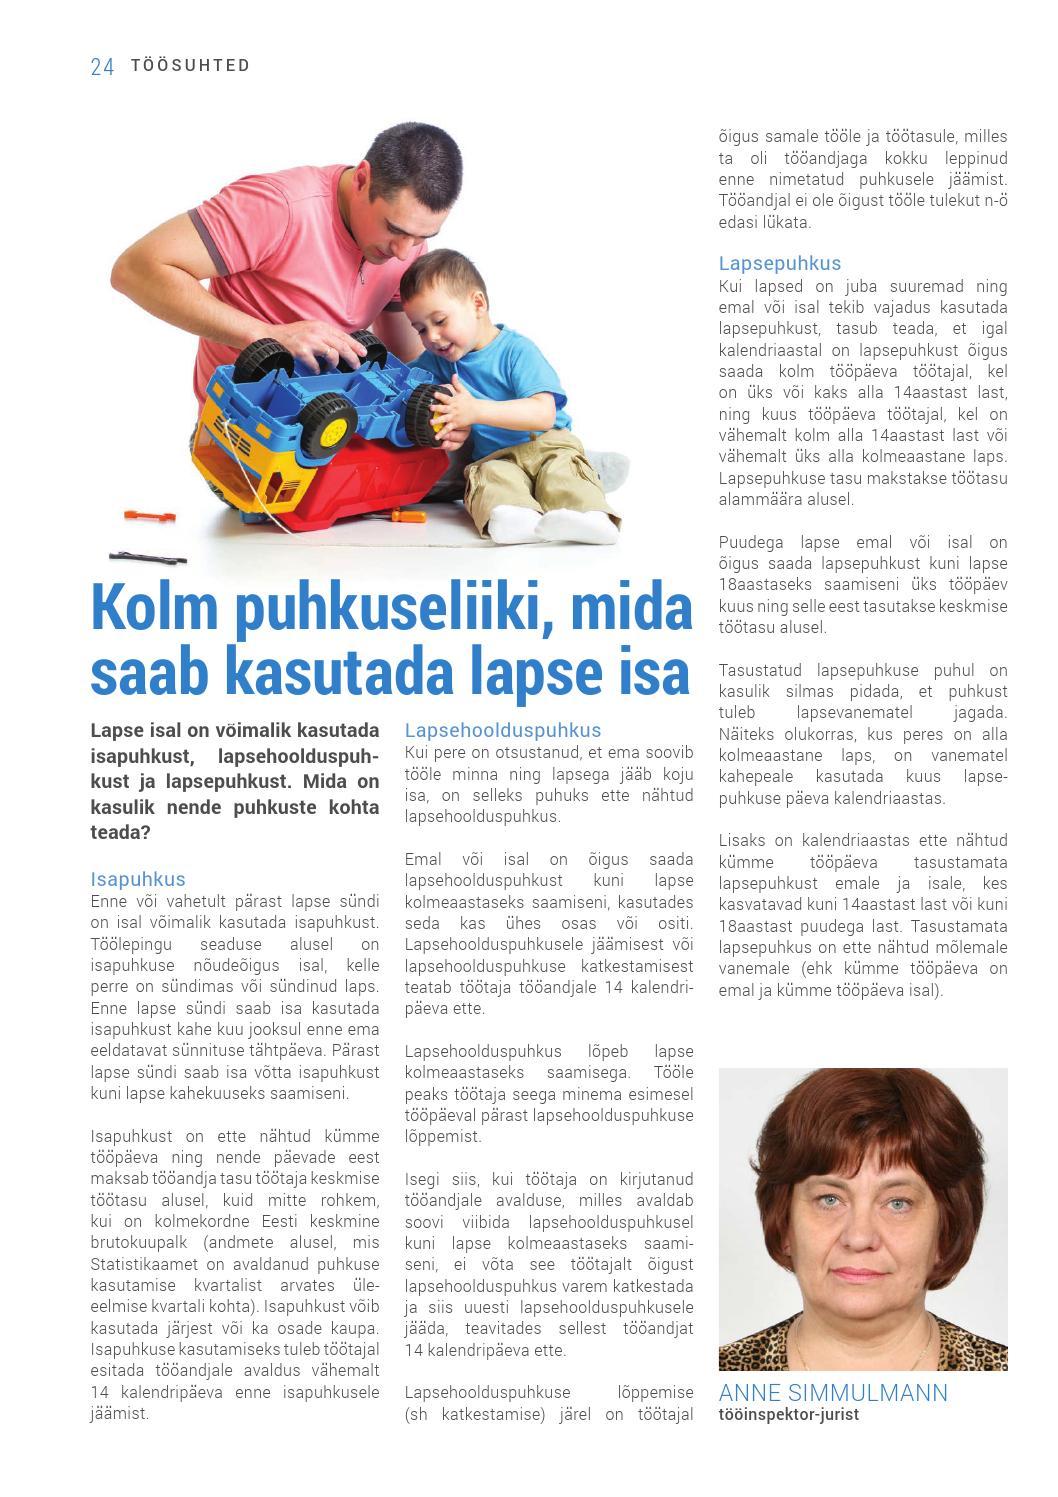 puudega lapse vanema lapsepuhkus